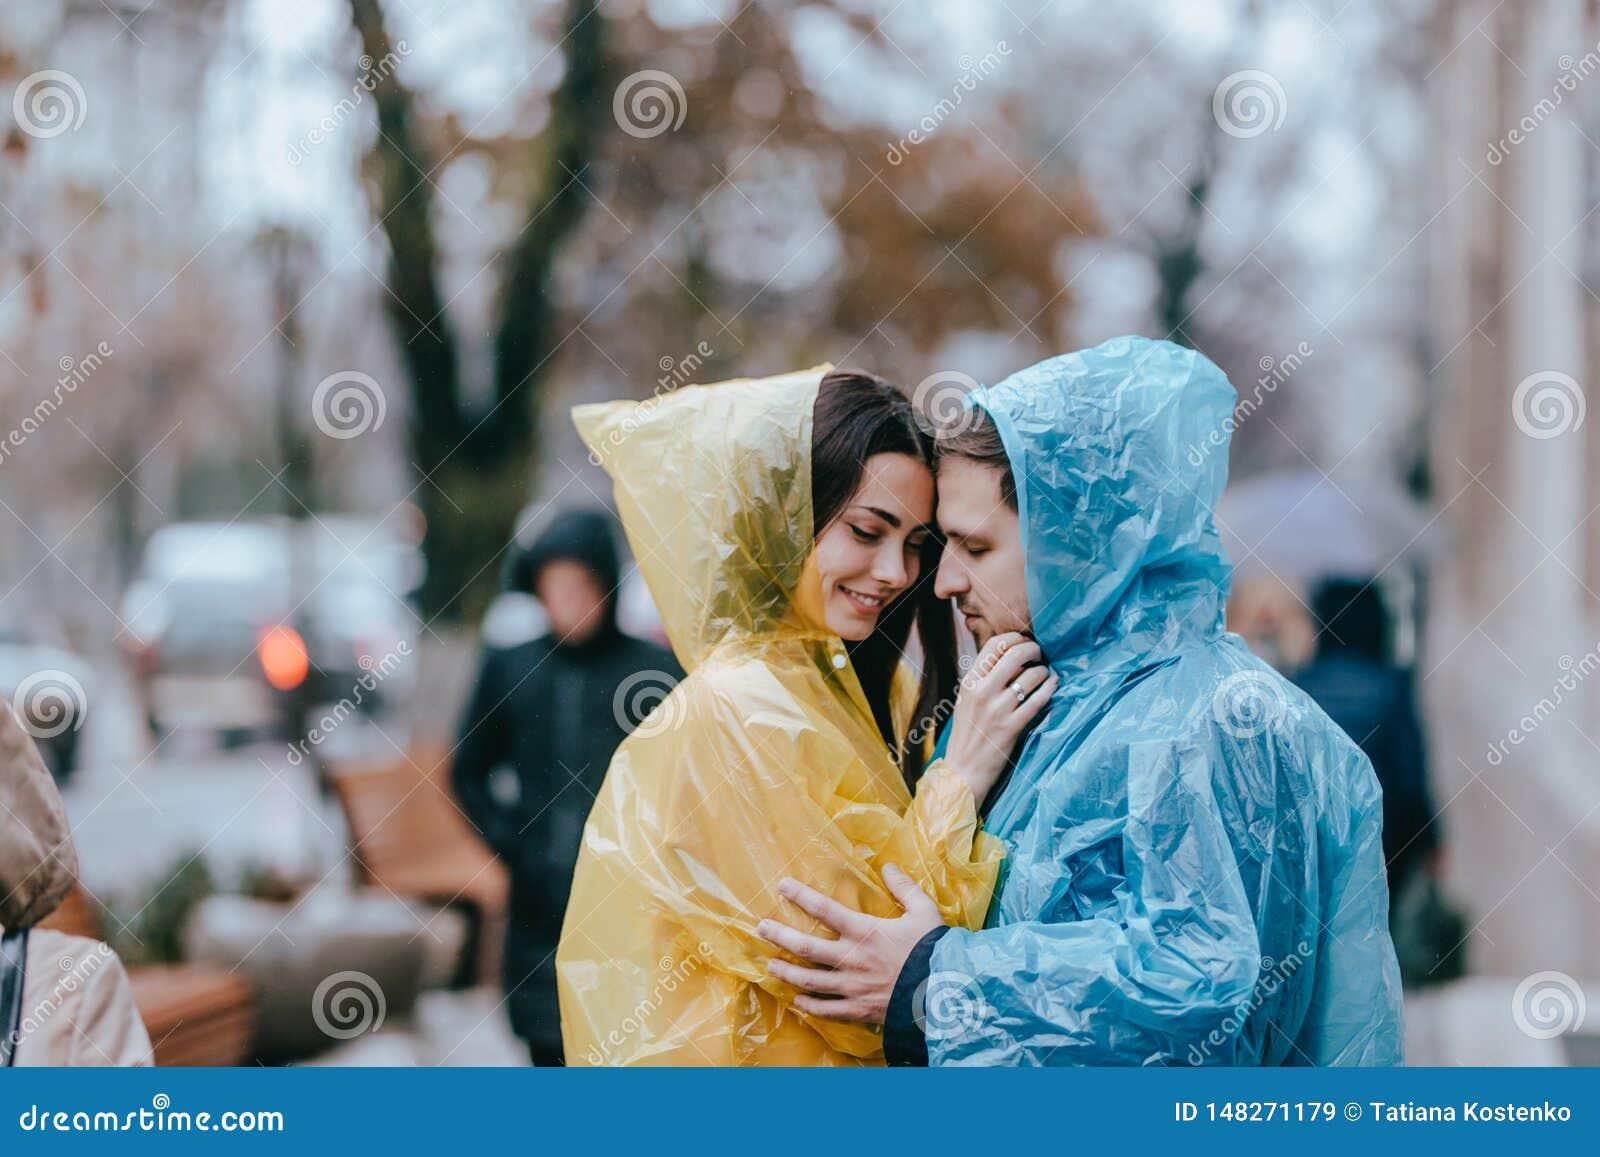 Романтичные любящие пары, парень и его девушка в плащах стоят лицом к лицу на улице в дожде